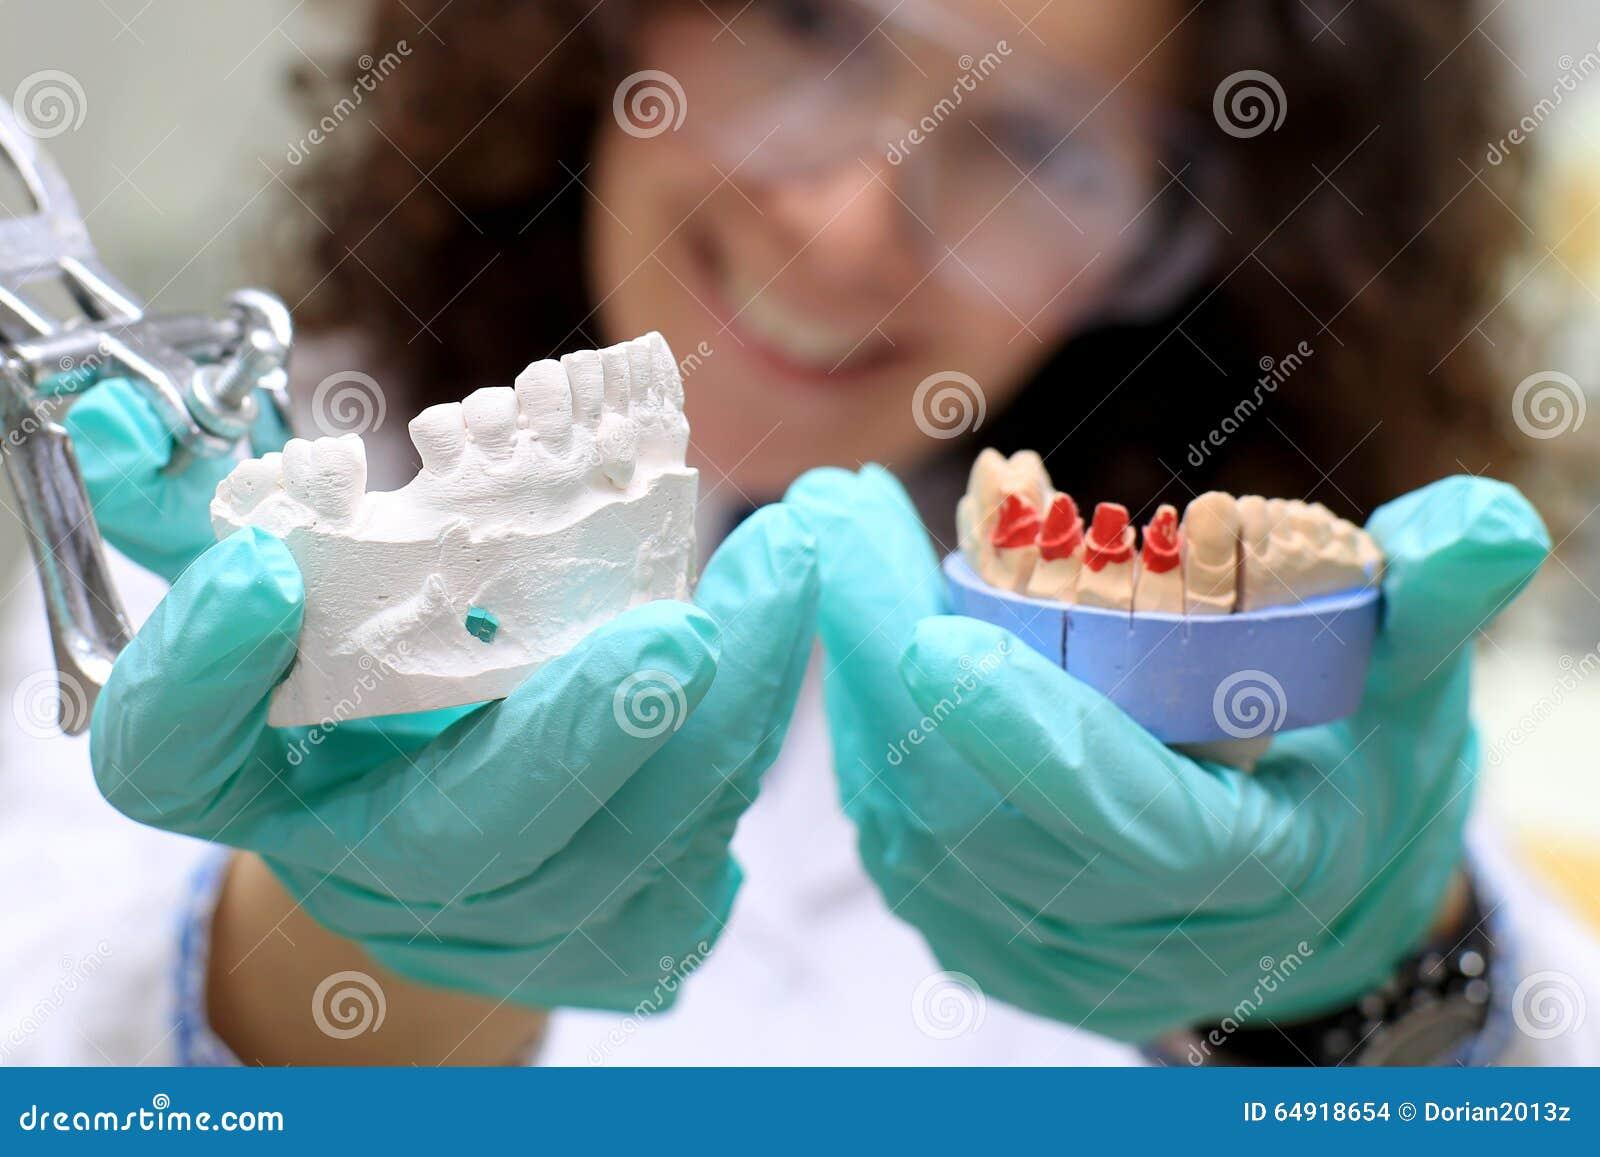 Technicien dentaire